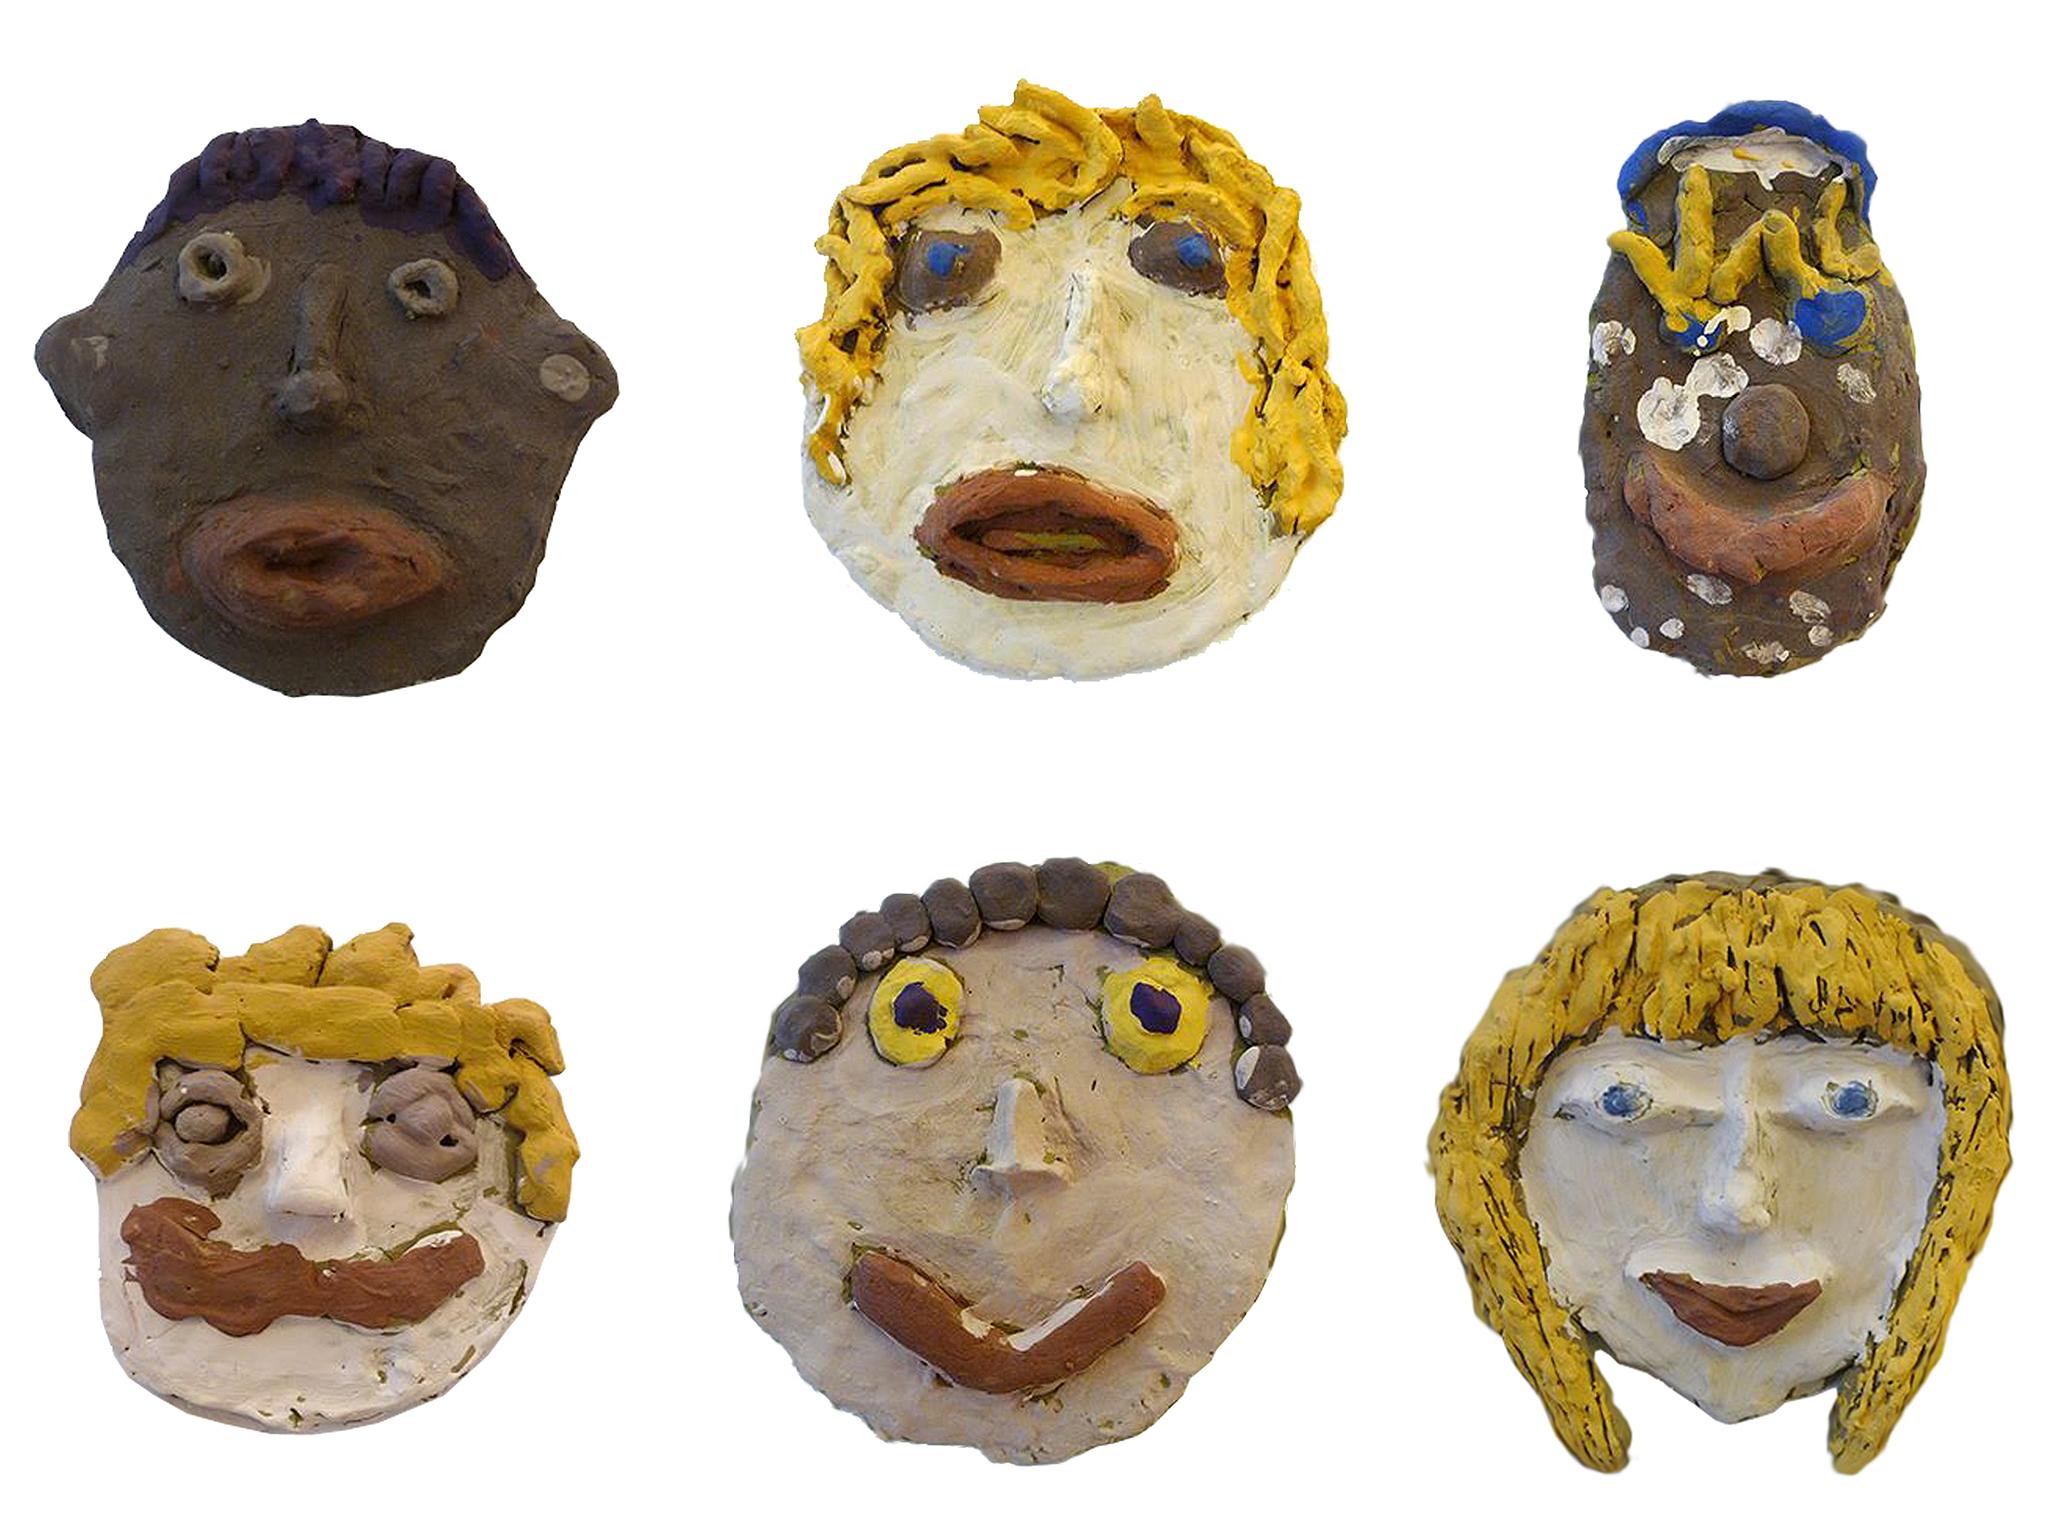 Museu Bordalo Pinheiro - Caras de Barros